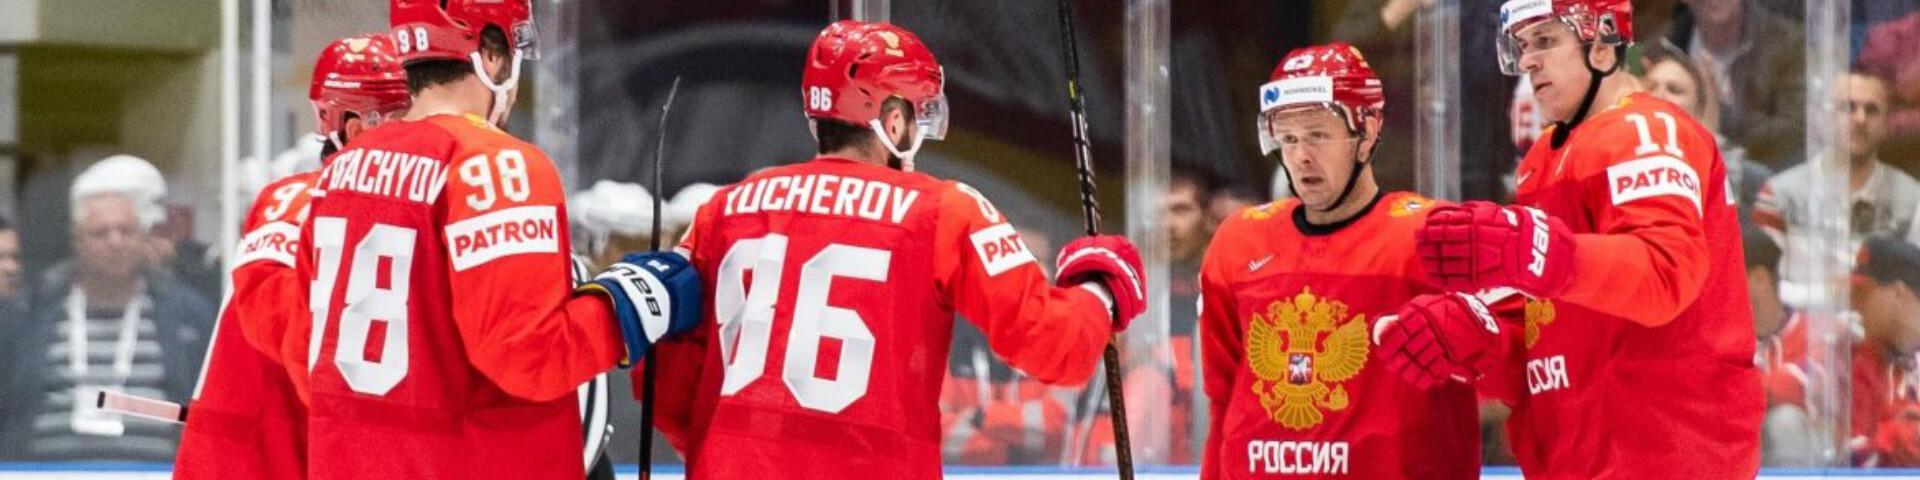 Акция от БК «Фонбет»: фрибет 500 рублей за точный прогноз на победителя ЧМ-2019 по хоккею